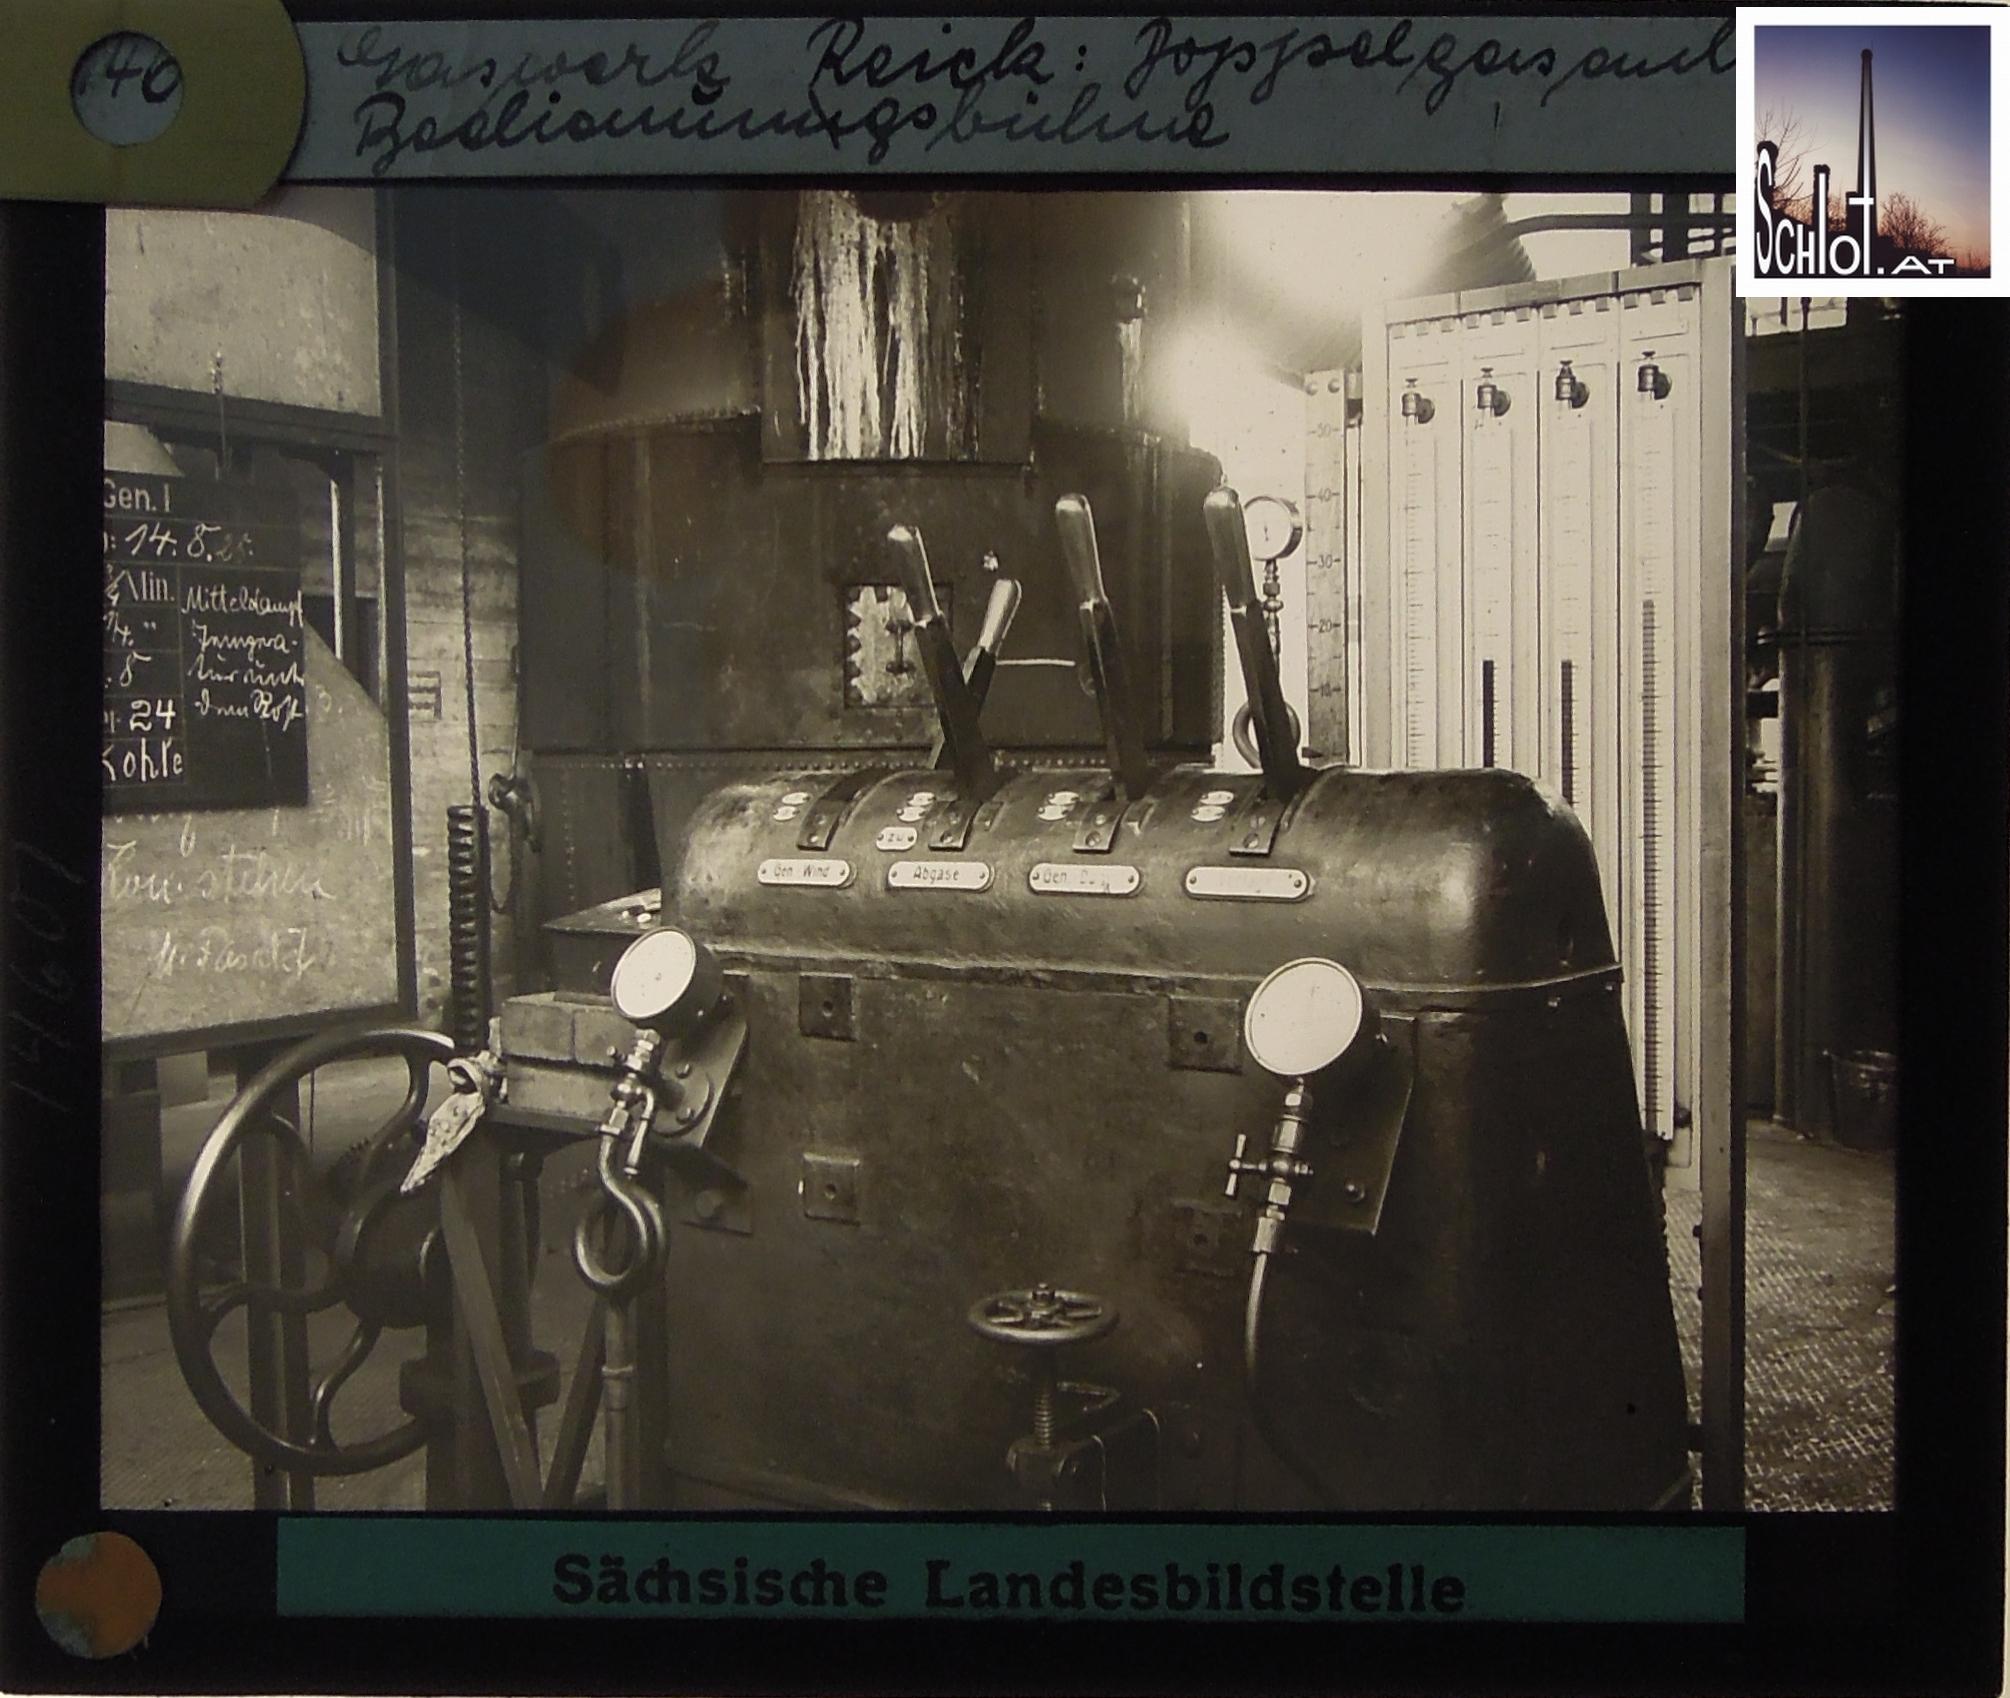 14601-reick-doppelgasanlage-bedienungsbuehne